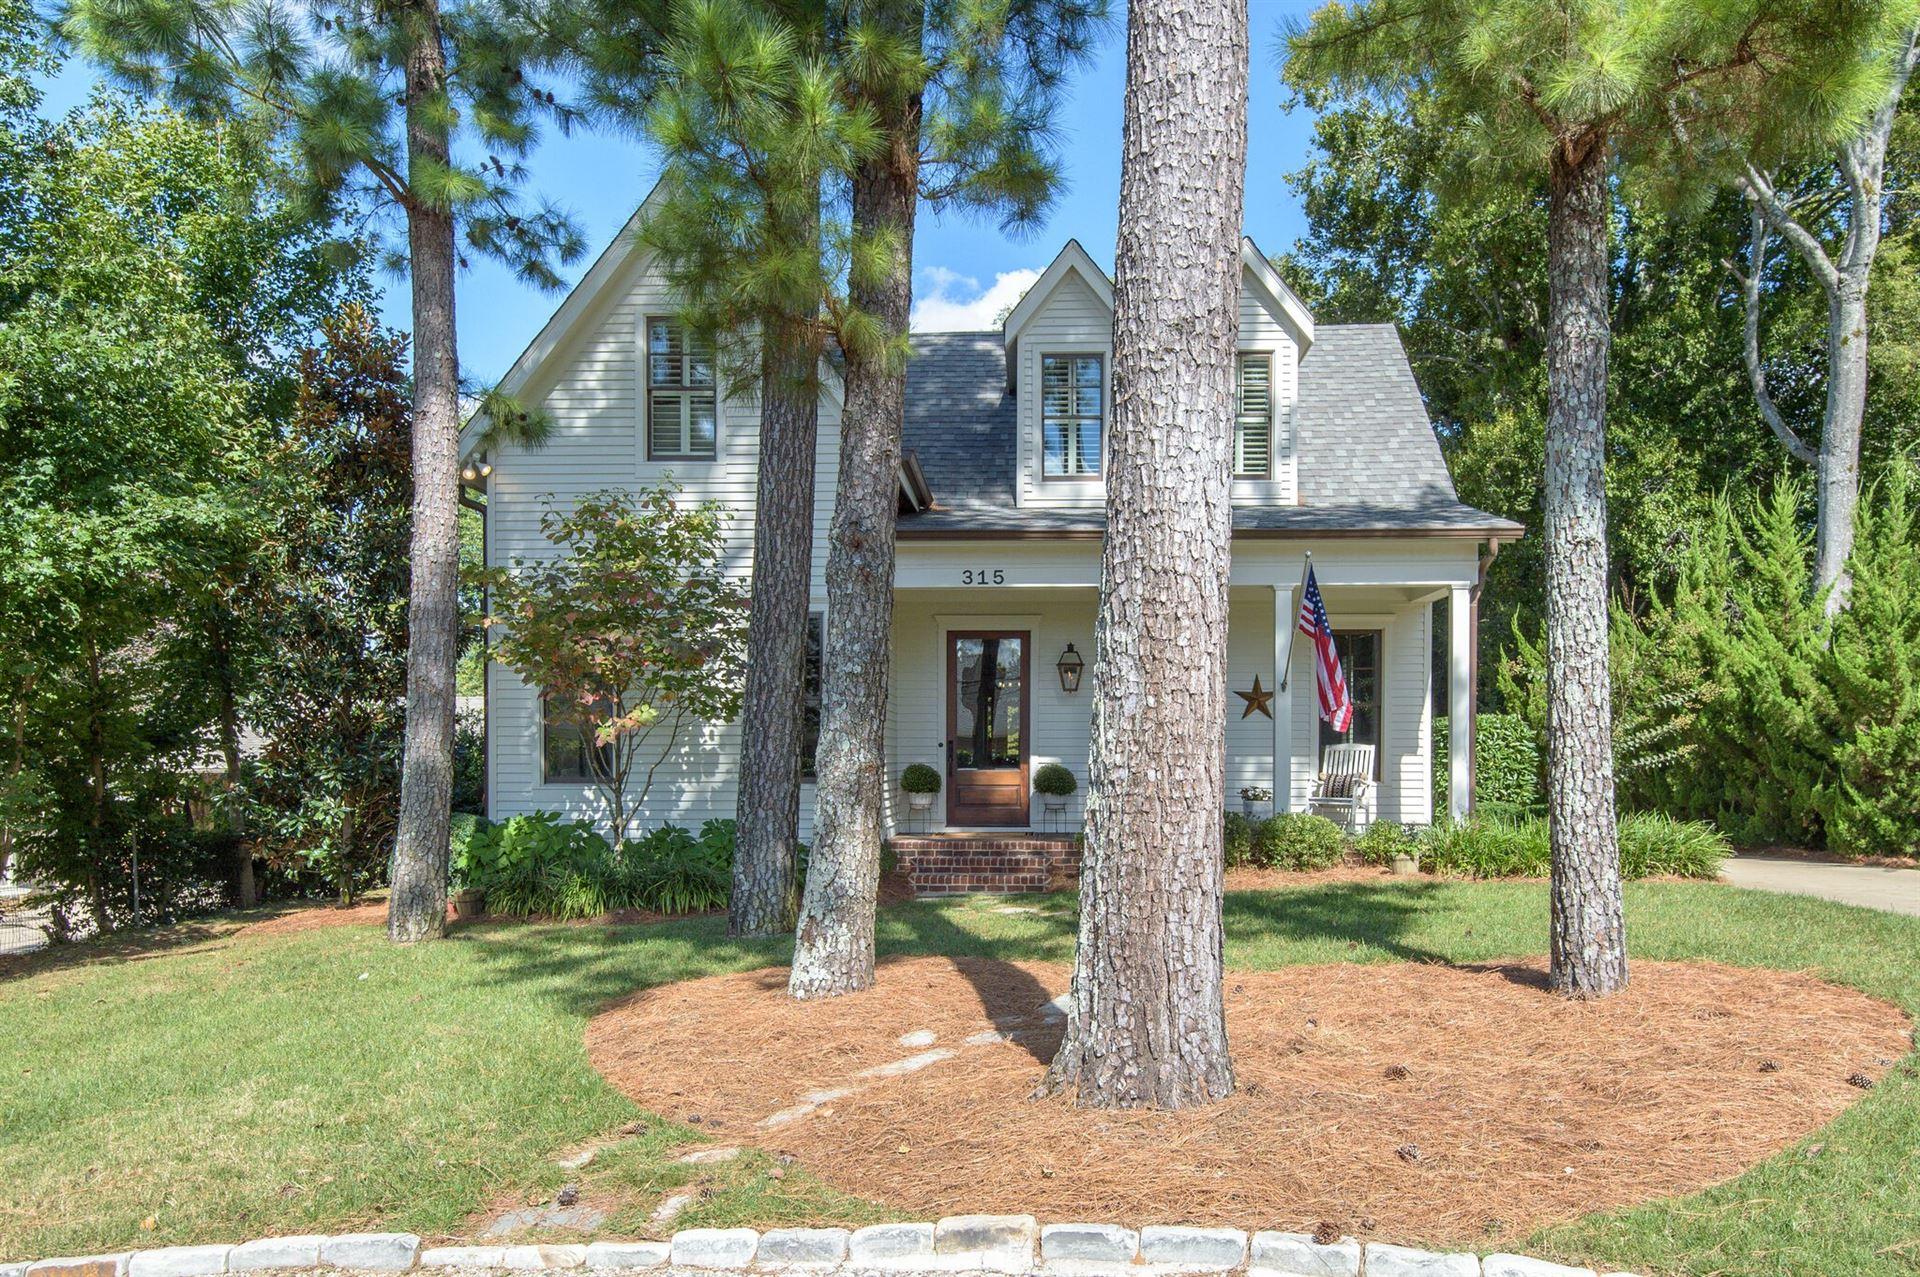 315 Stewart St, Franklin, TN 37064 - MLS#: 2196221